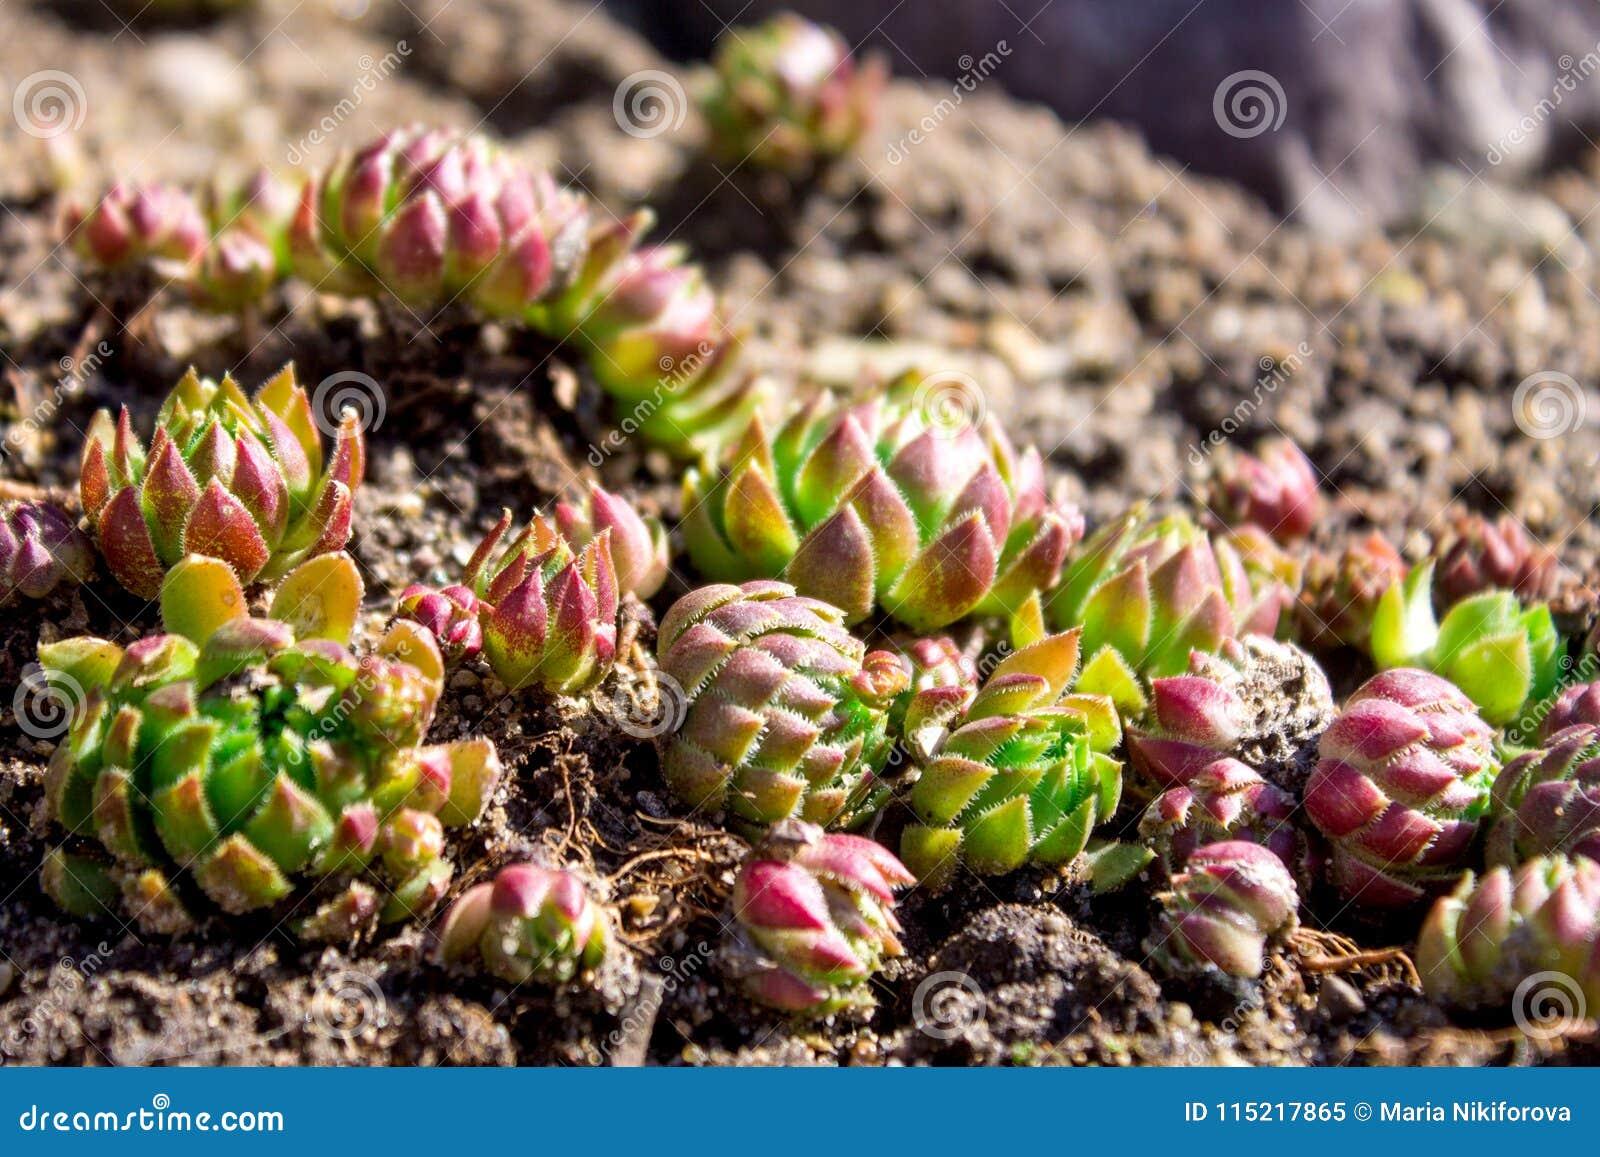 Piedra minúscula color de rosa u outd del sempervivum de los succulents del gallina-y-pollo